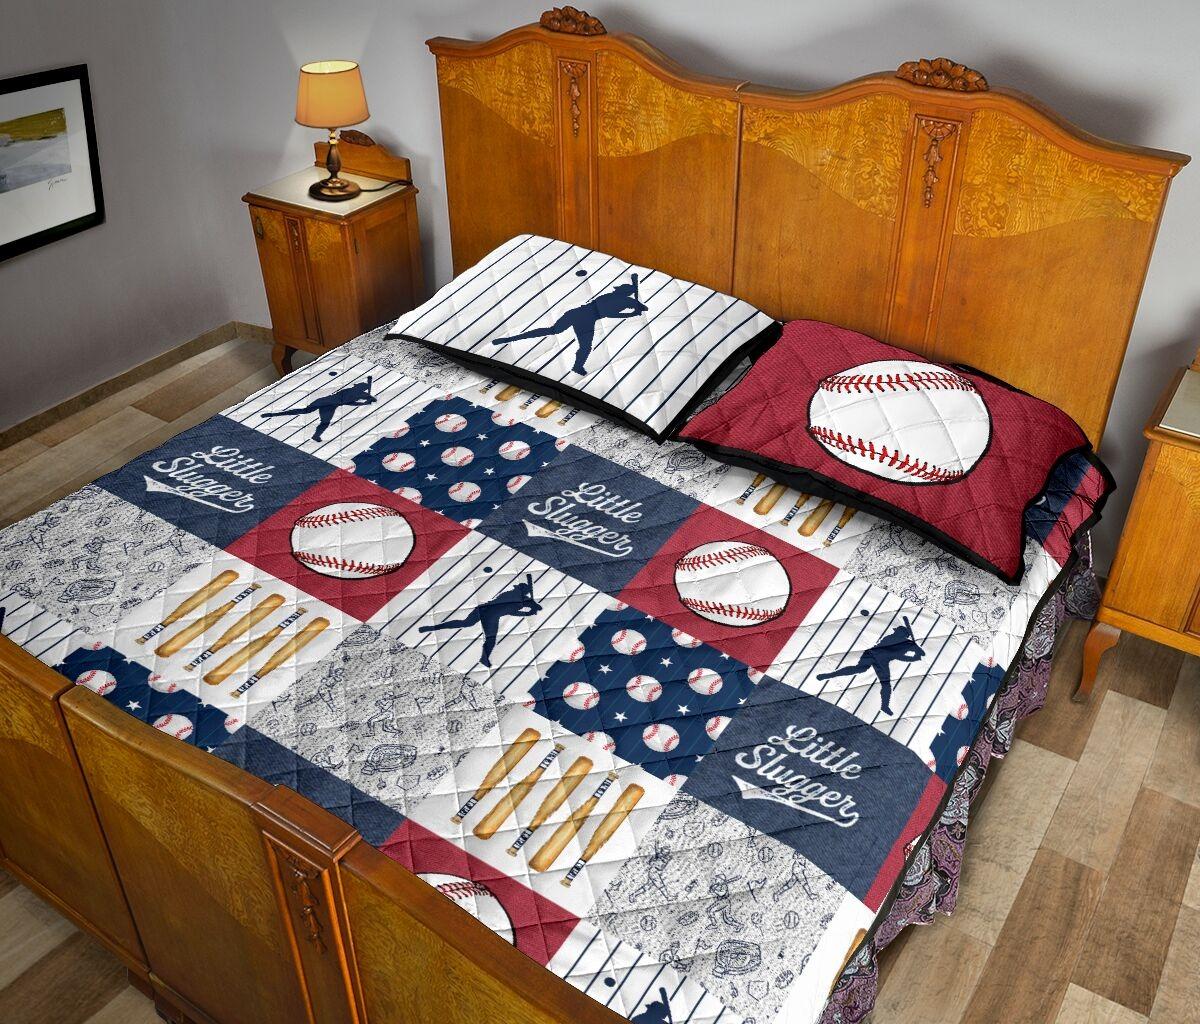 Baseball little slugger quilt bedding set3